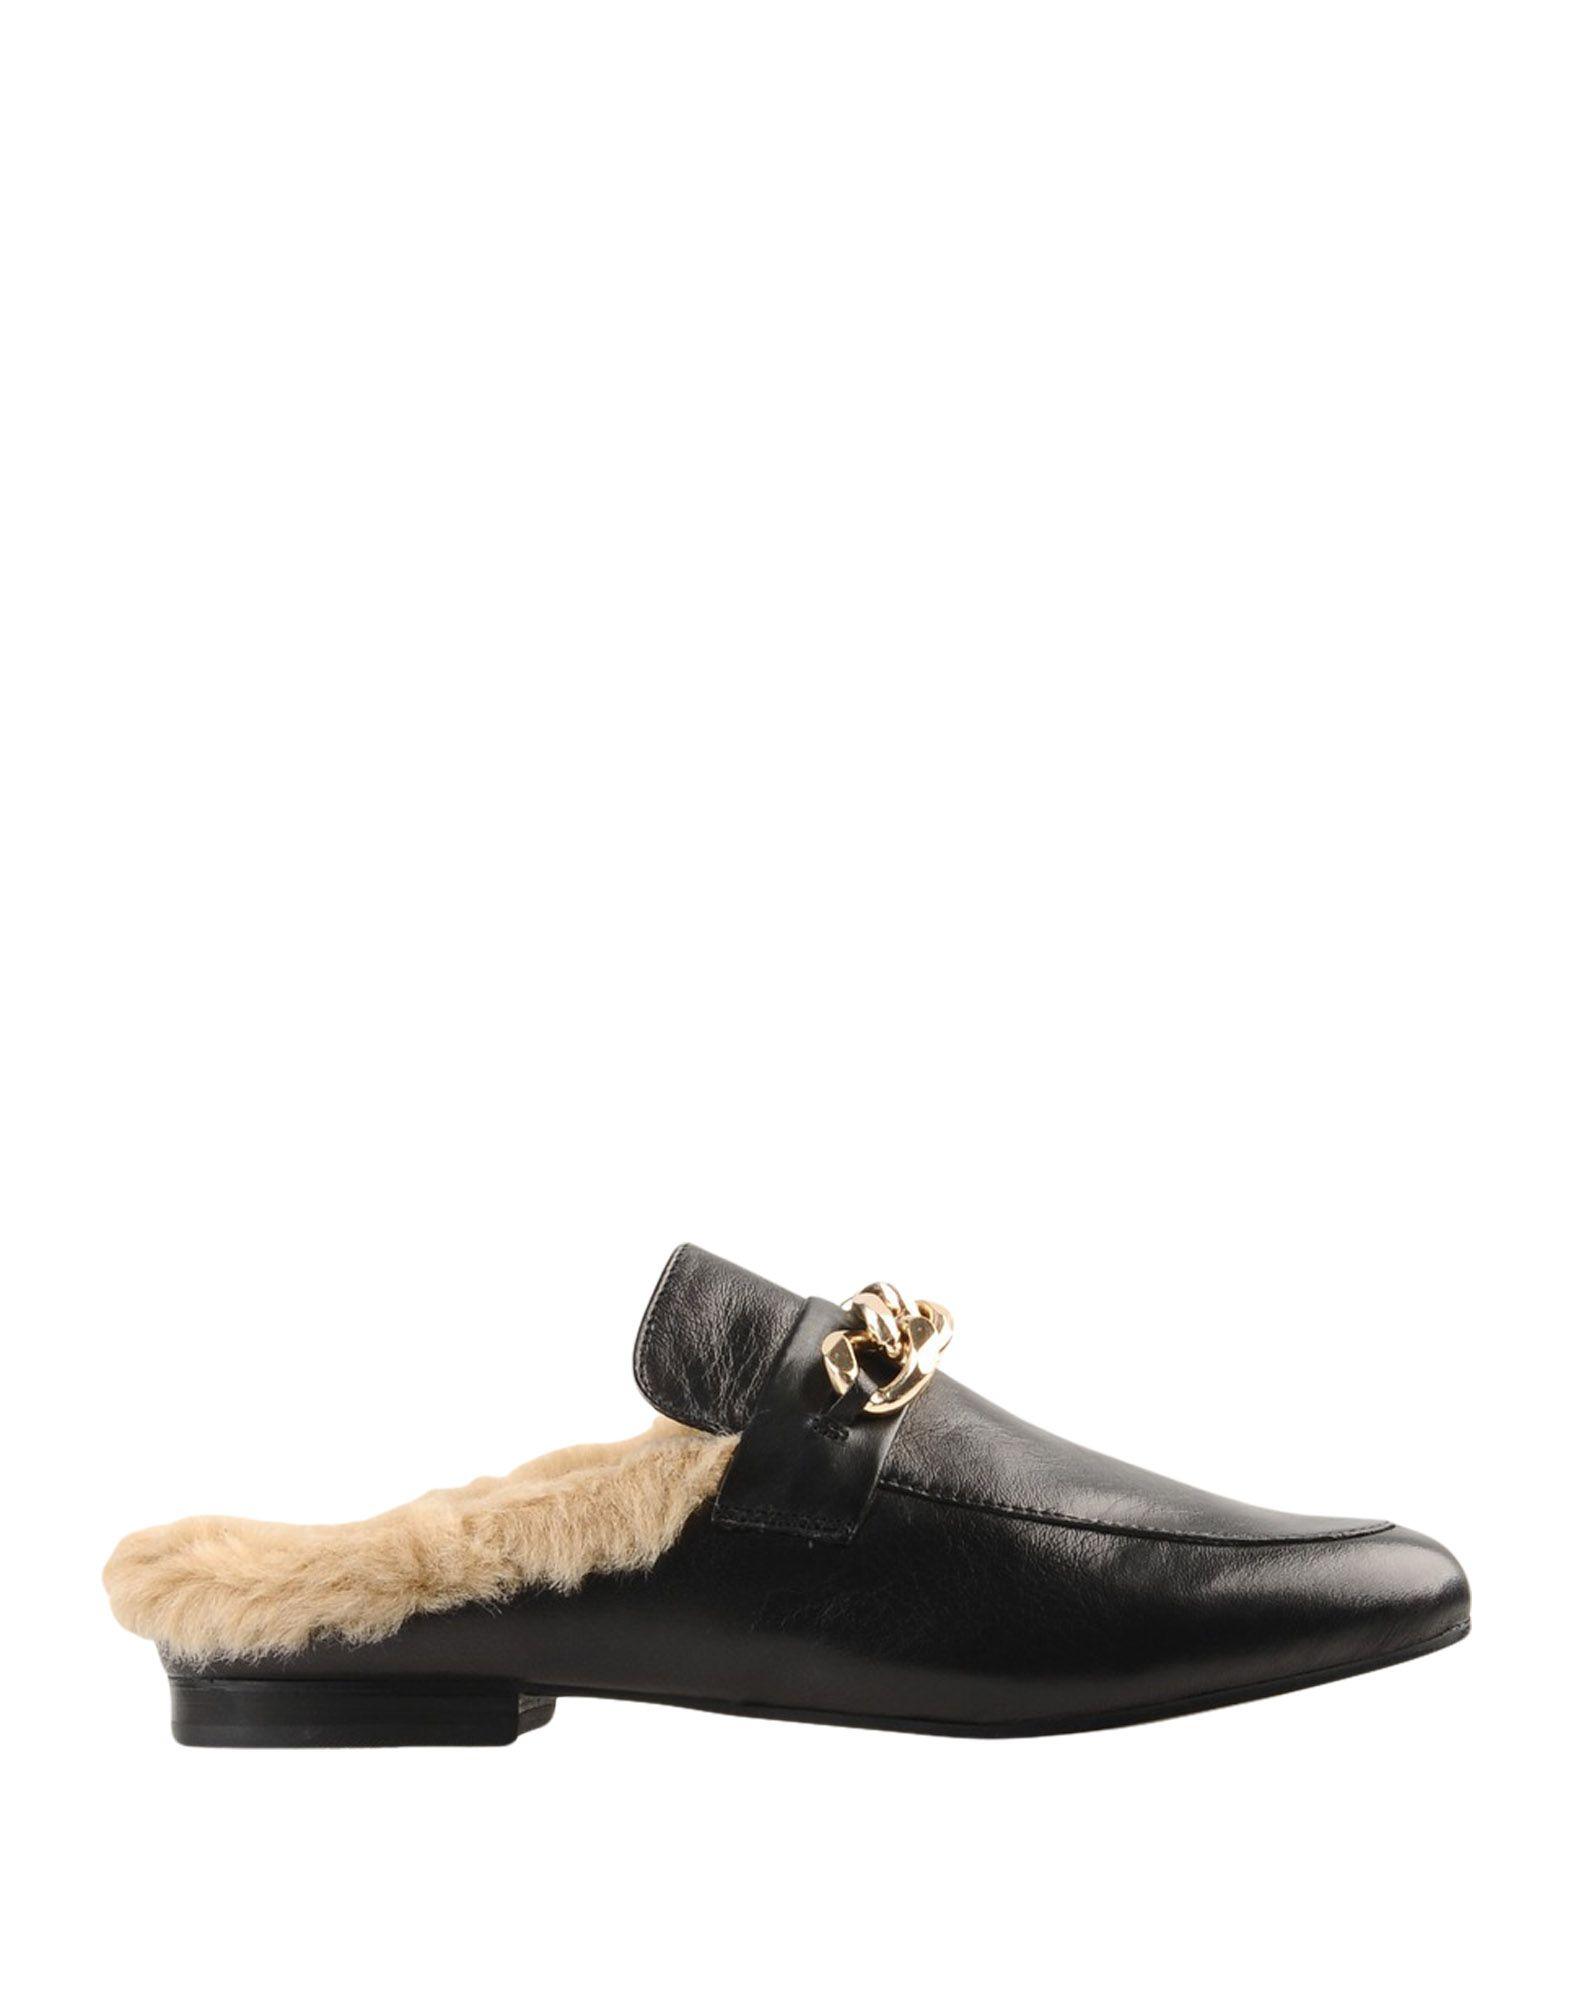 Steve Madden Krane  11584836EW Gute Schuhe Qualität beliebte Schuhe Gute 4debde